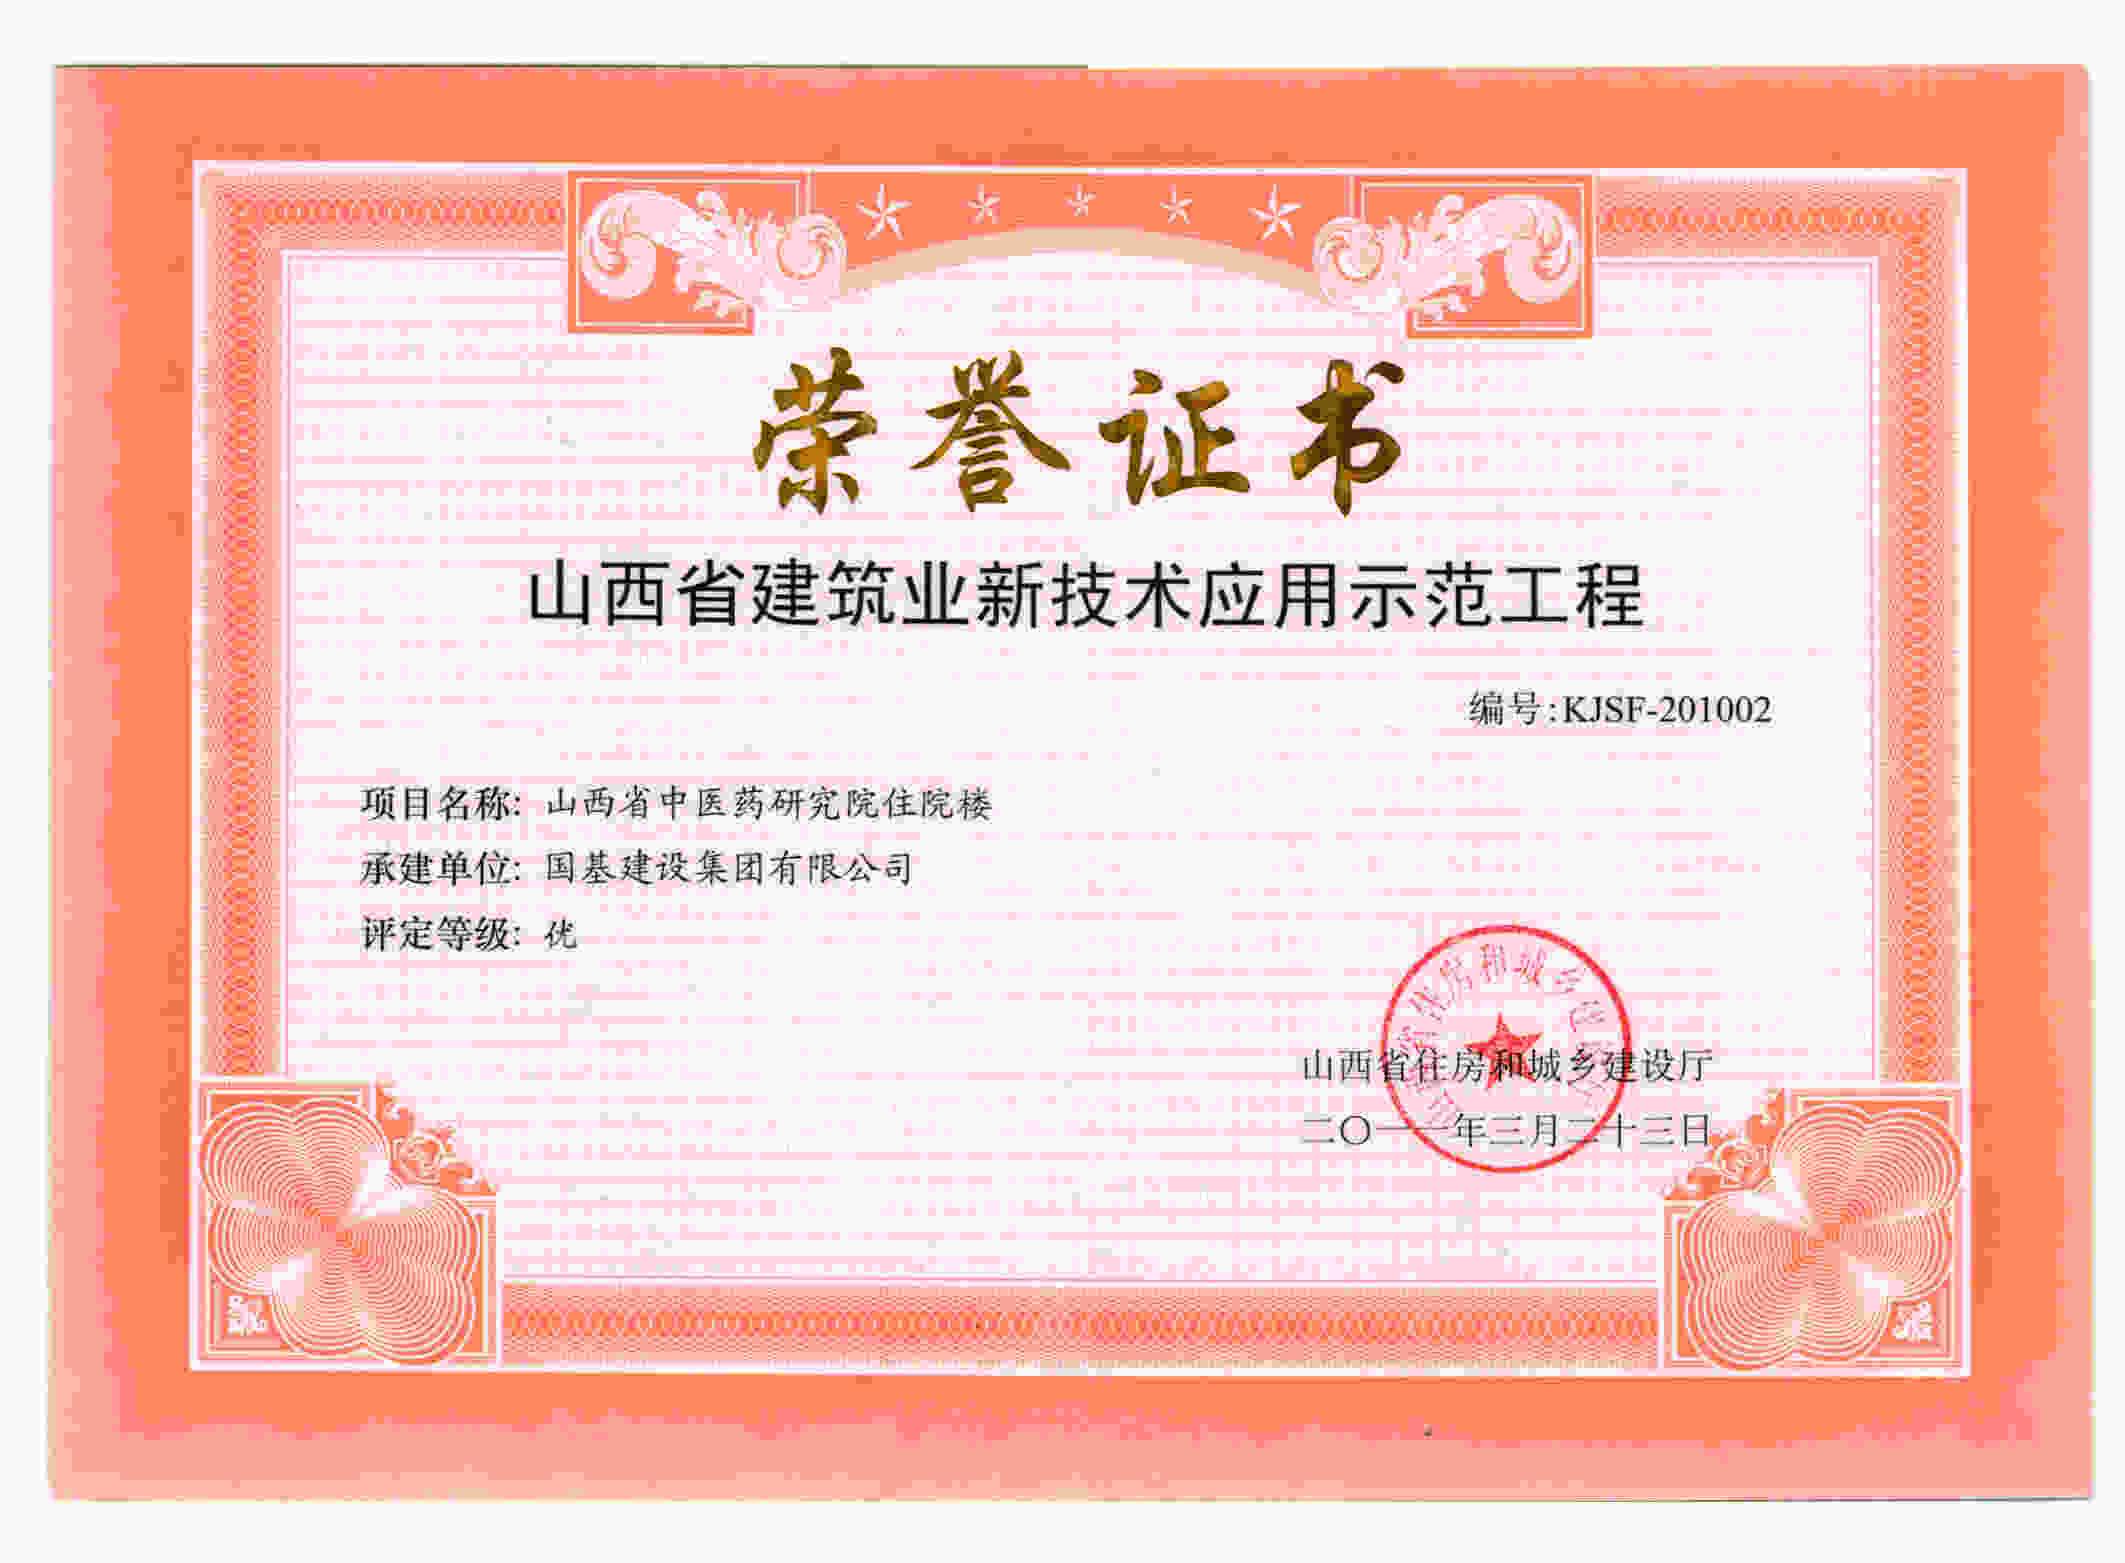 中医药研究院住院楼新技术应用示范工程荣誉证书